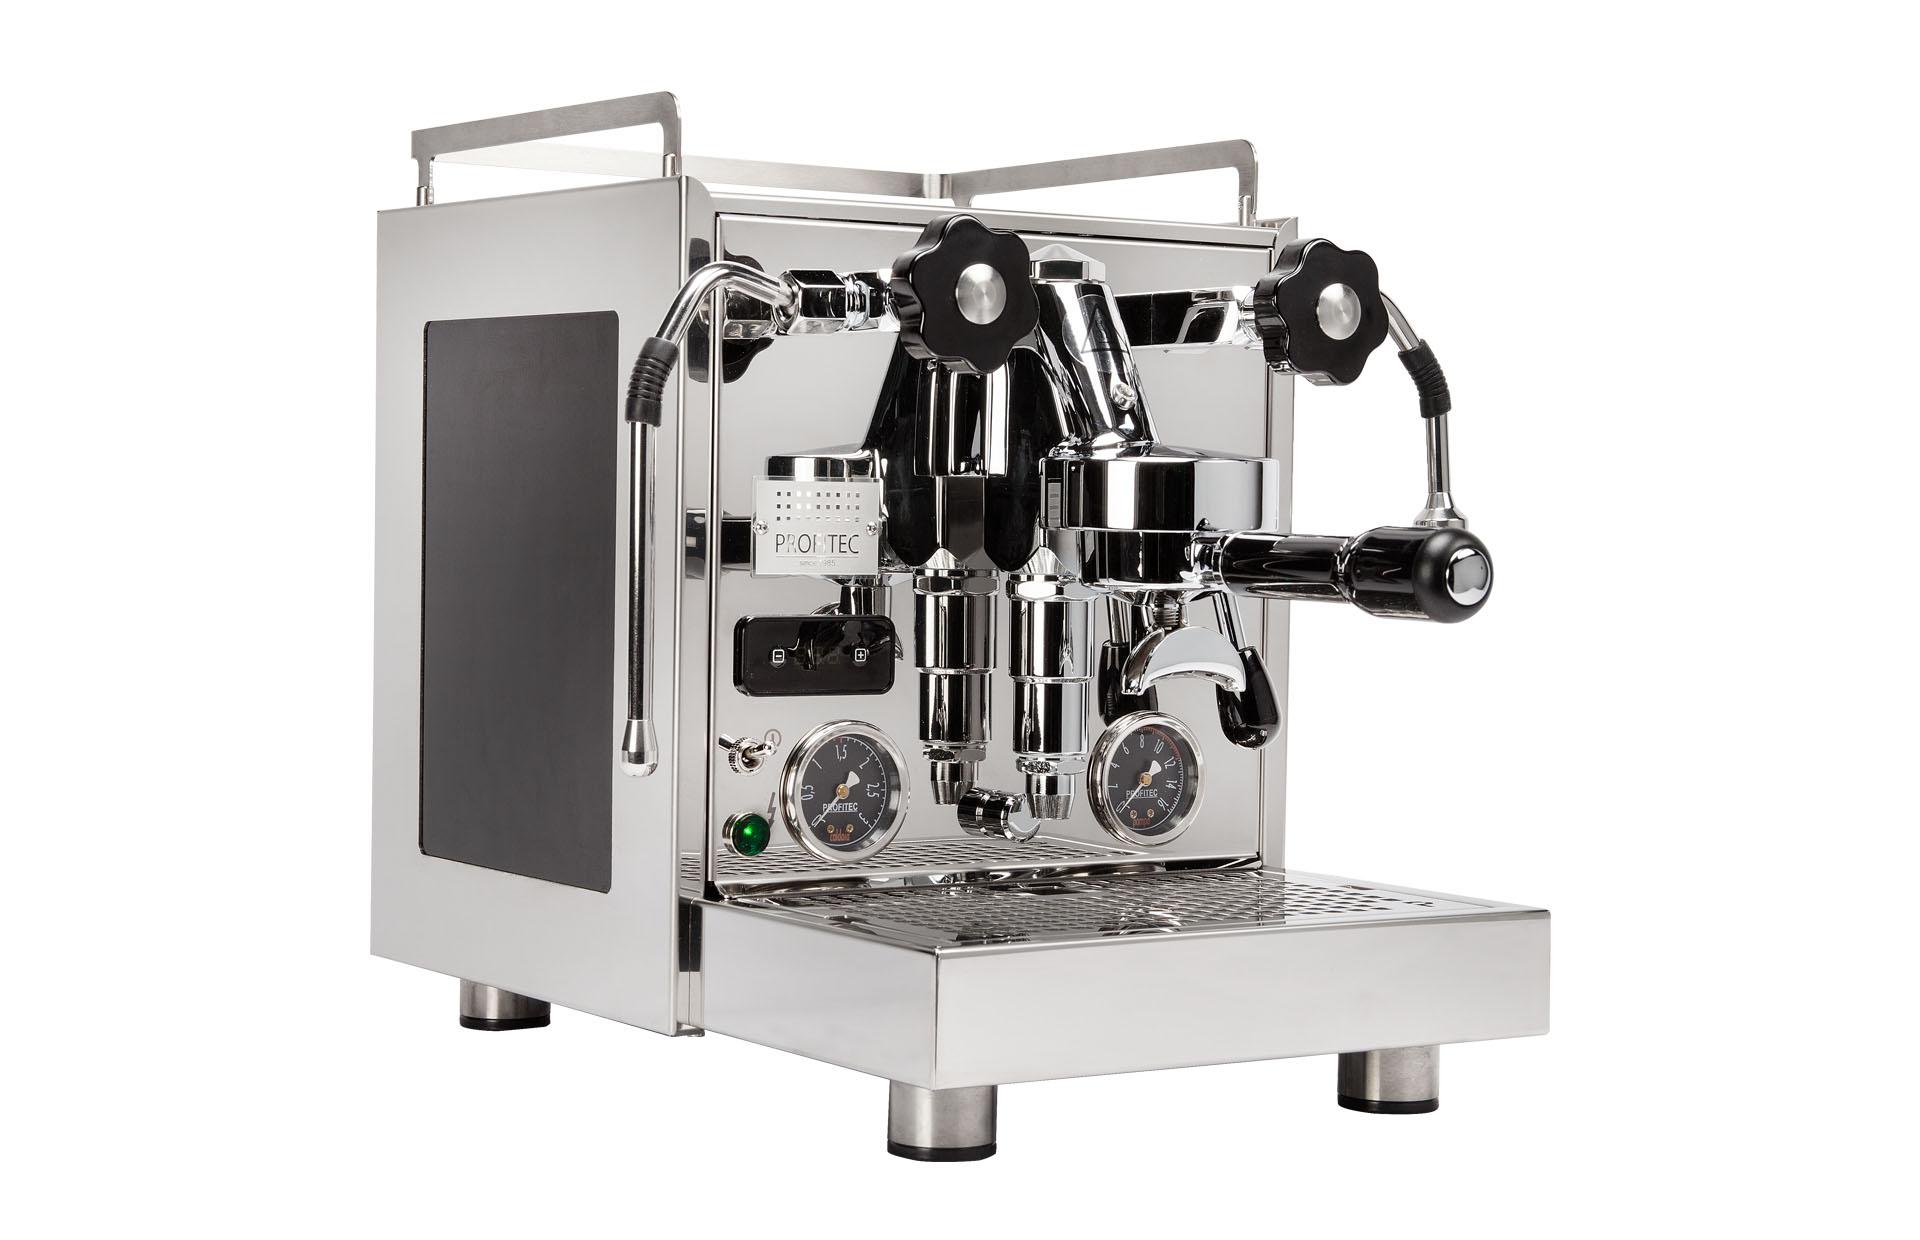 Profitec Pro 600 PID Dualboiler Espressomaschine